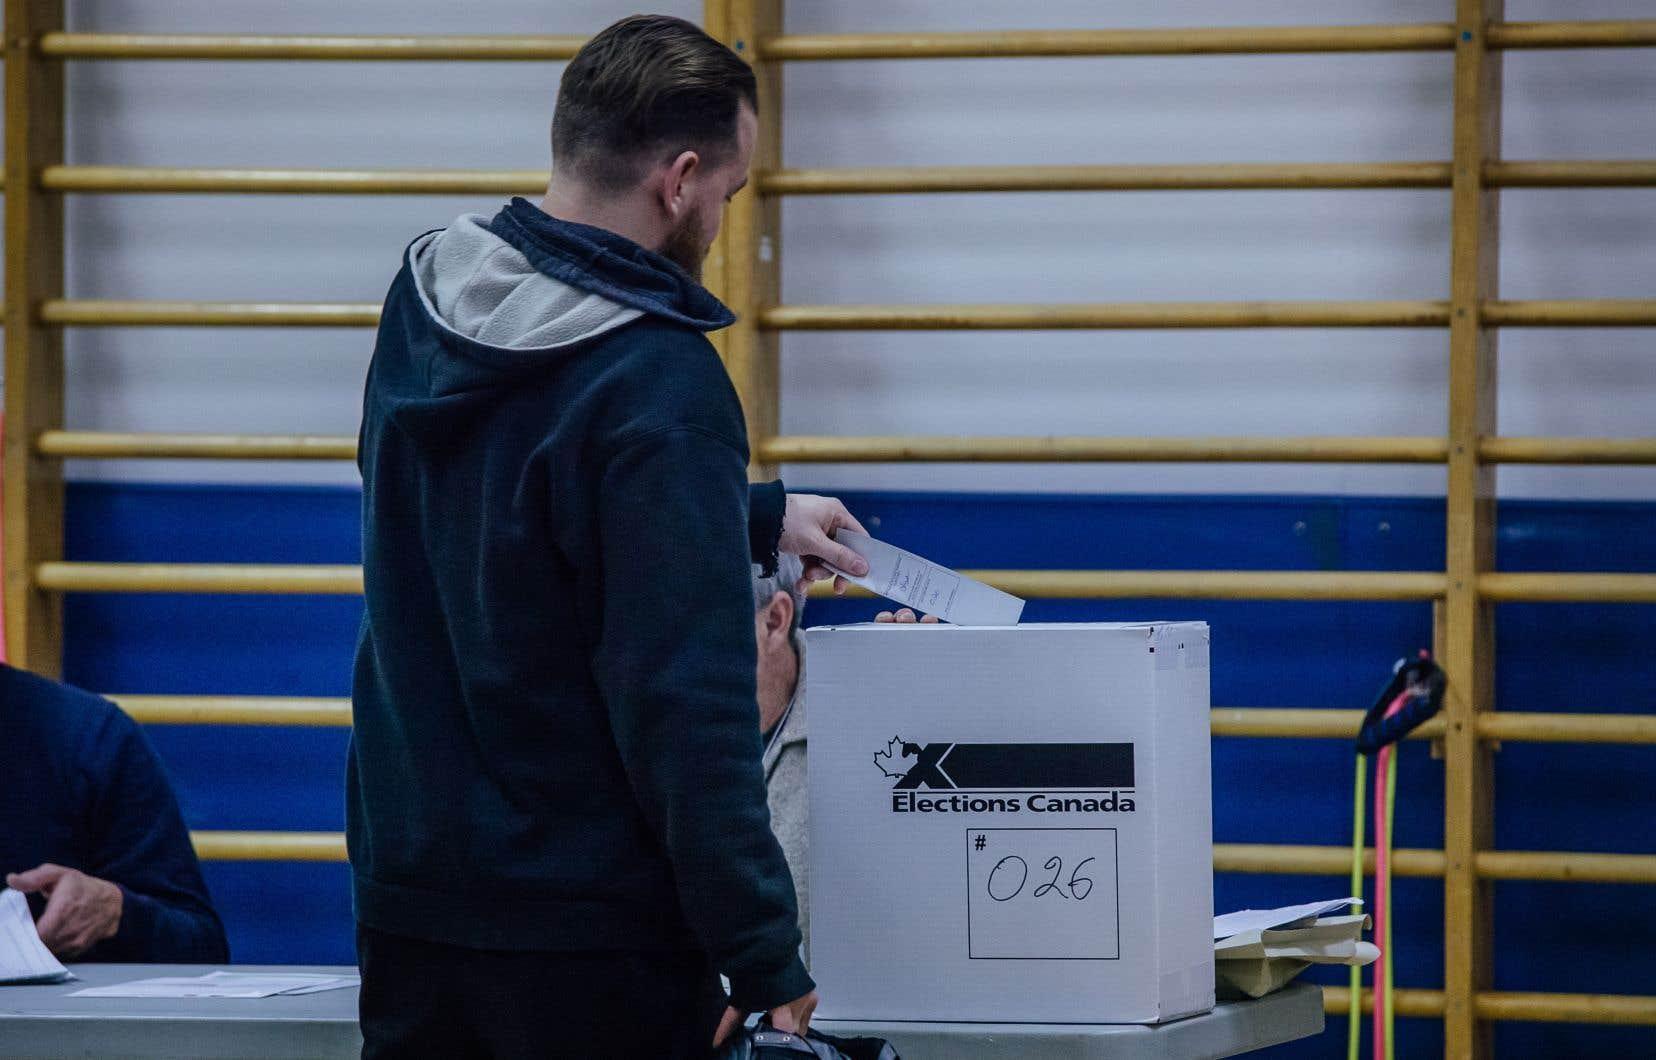 Au terme d'une première journée de recomptage des bulletins de vote en présence d'un juge, le Bloc québécois a convenu que l'écart entre la candidate libérale et le candidat du Bloc demeurait beaucoup trop grand pour espérer renverser le résultat annoncé le 21octobre.